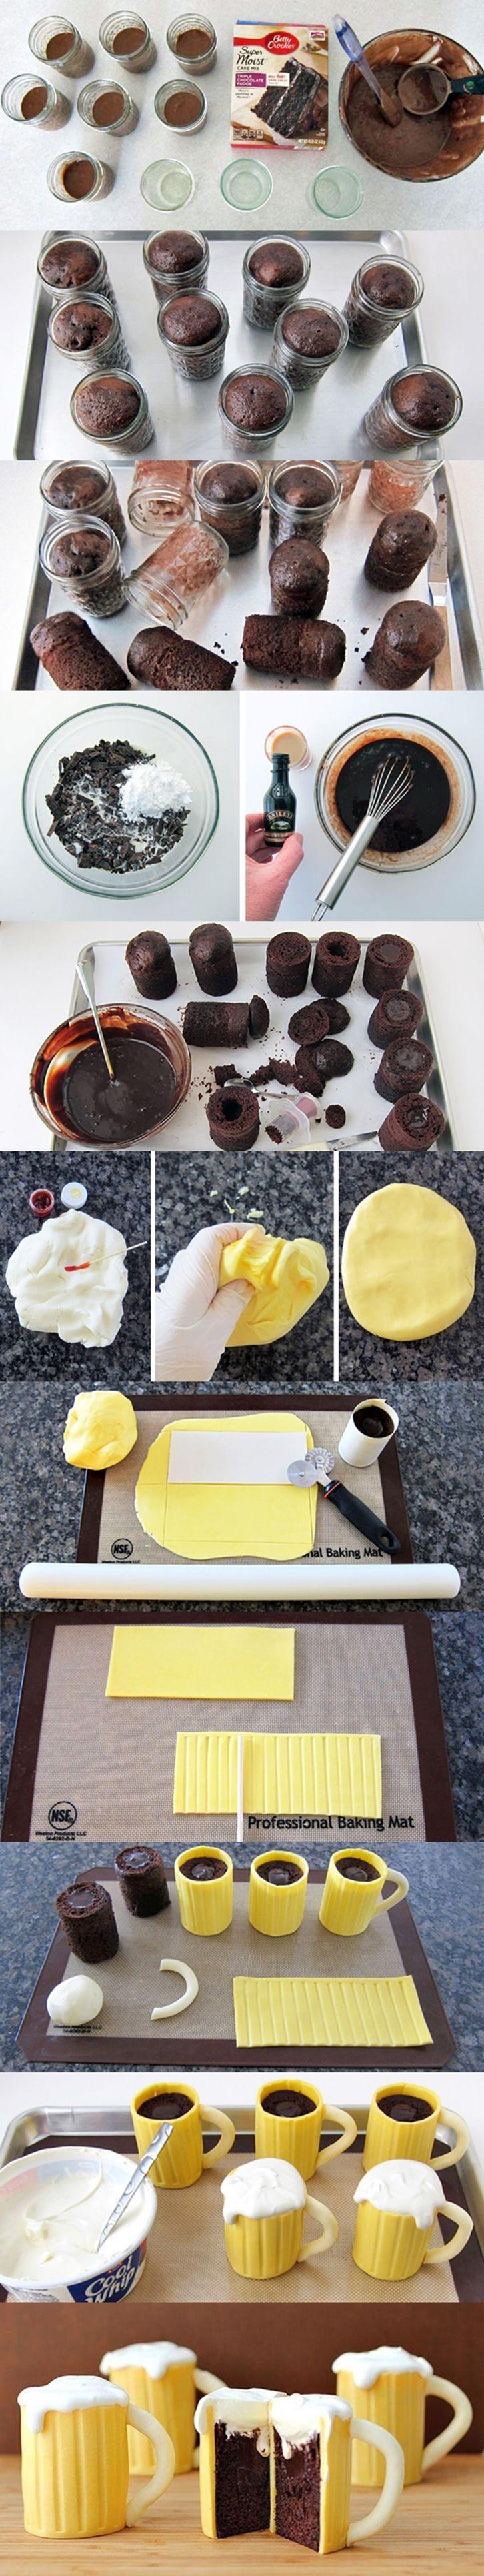 Wonderful DIY Beer Mug Cupcakes with Baileys Filling   WonderfulDIY.com